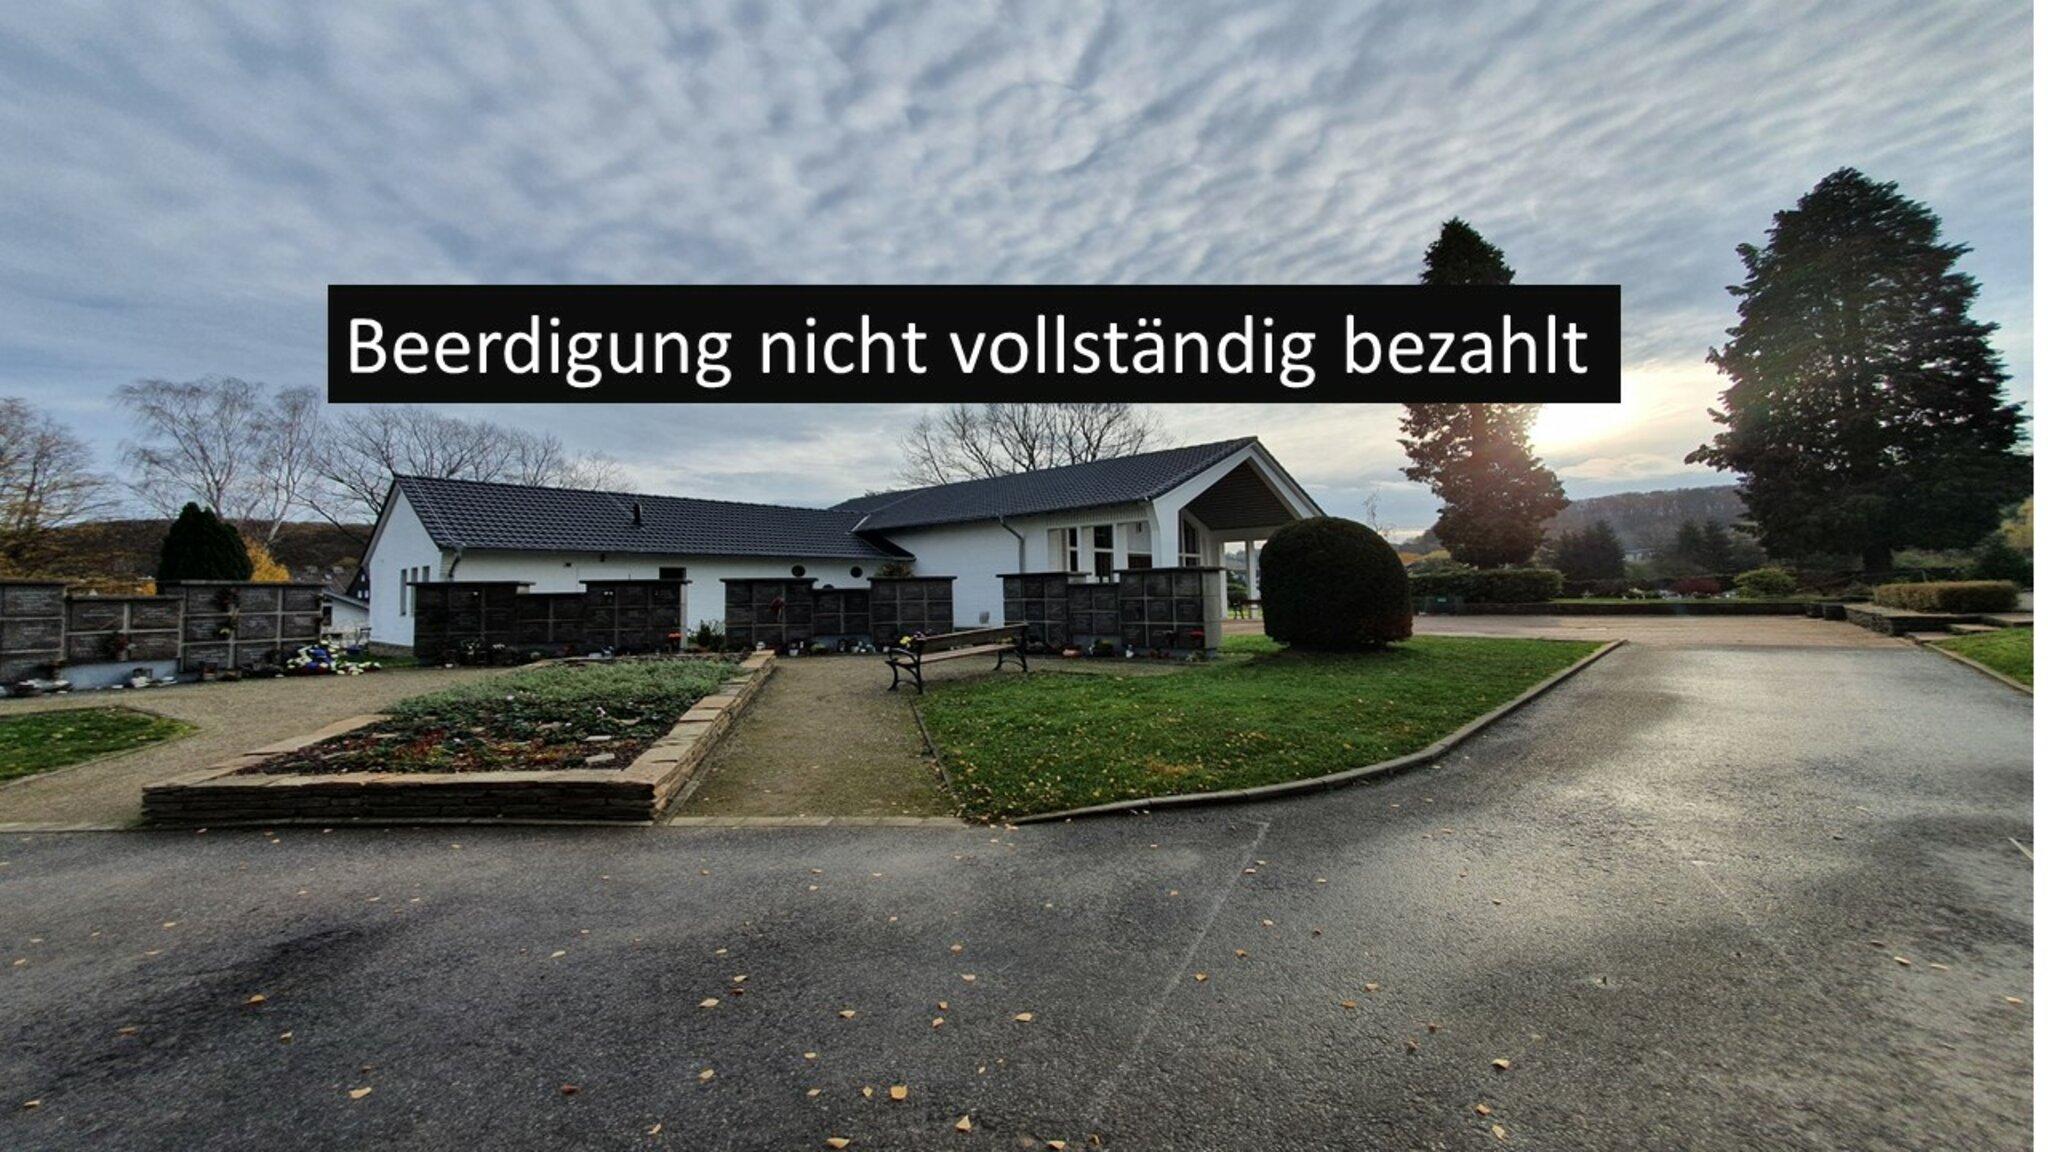 Hattingen: Omas Beerdigung nicht bezahlt  Einsame Gerichtsverhandlung...